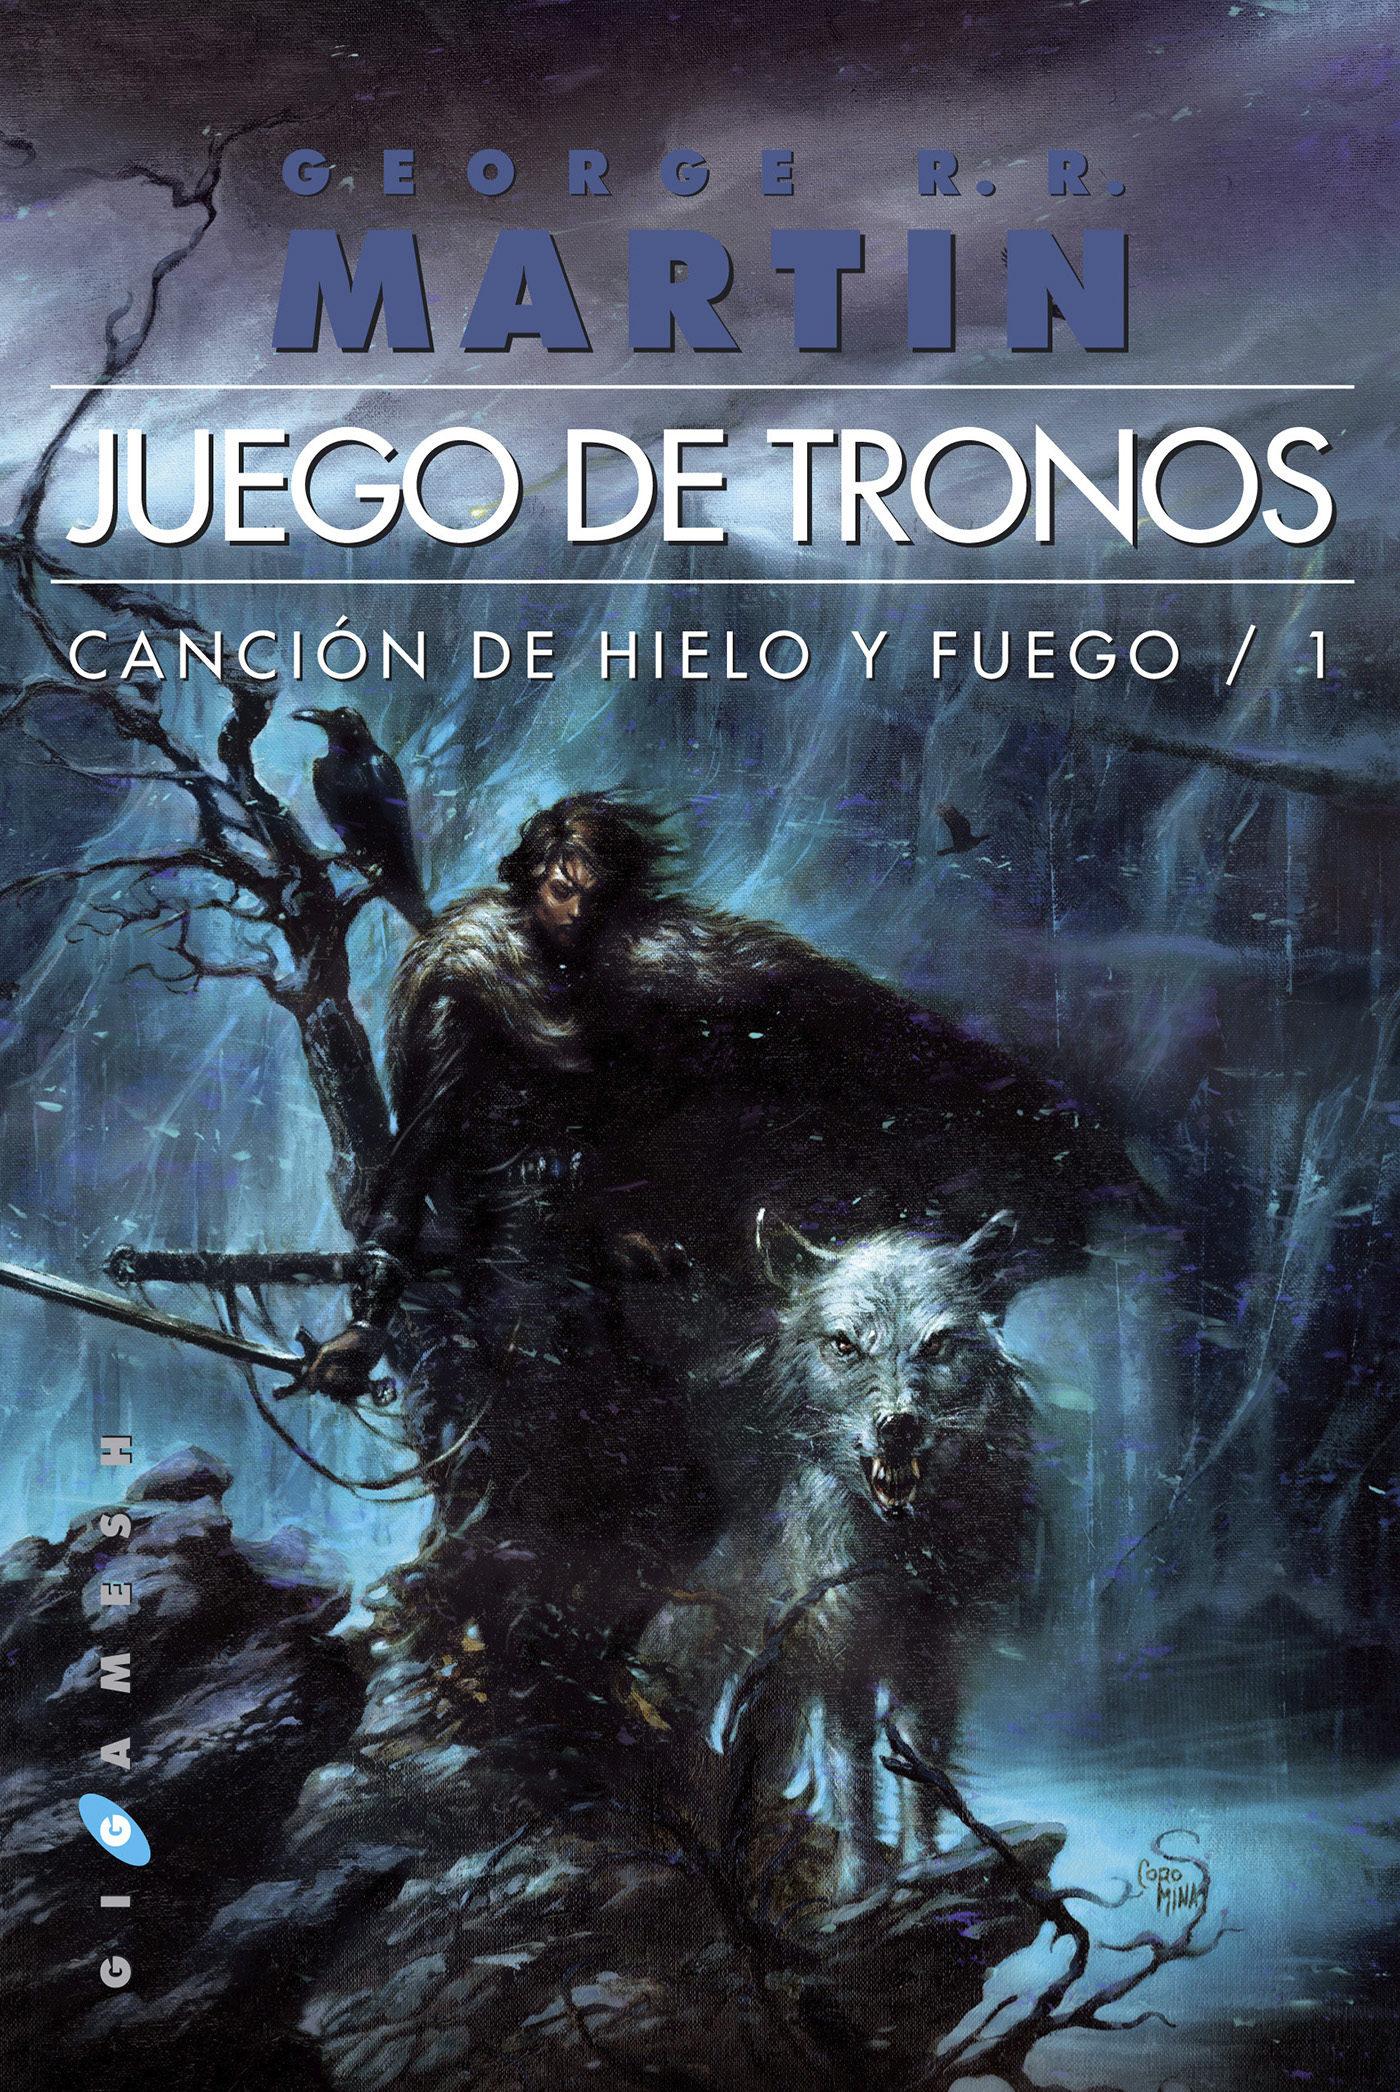 juego de tronos (ed. bolsillo omnium) (saga cancion de hielo y fu ego 1)-george r.r. martin-9788496208926